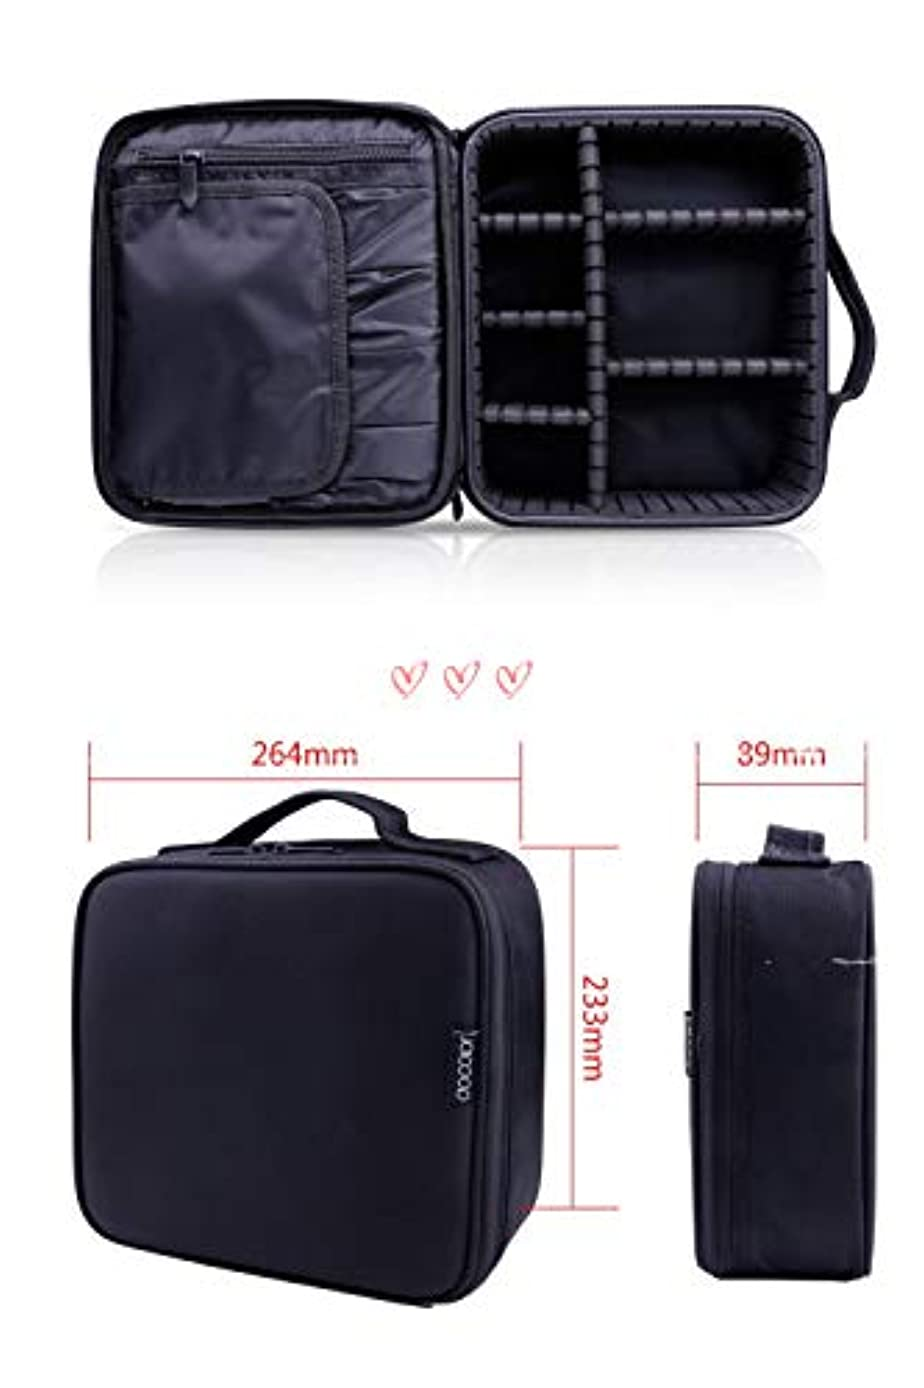 しゃがむ全部ラフレシアアルノルディDocolor ドゥカラー プロ用 メイクボックス 高品質 機能的 大容量 化粧ポーチ メイクブラシバッグ 収納ケース スーツケース?トラベルバッグ 化粧 バッグ メイクブラシ 化粧道具 小物入れ